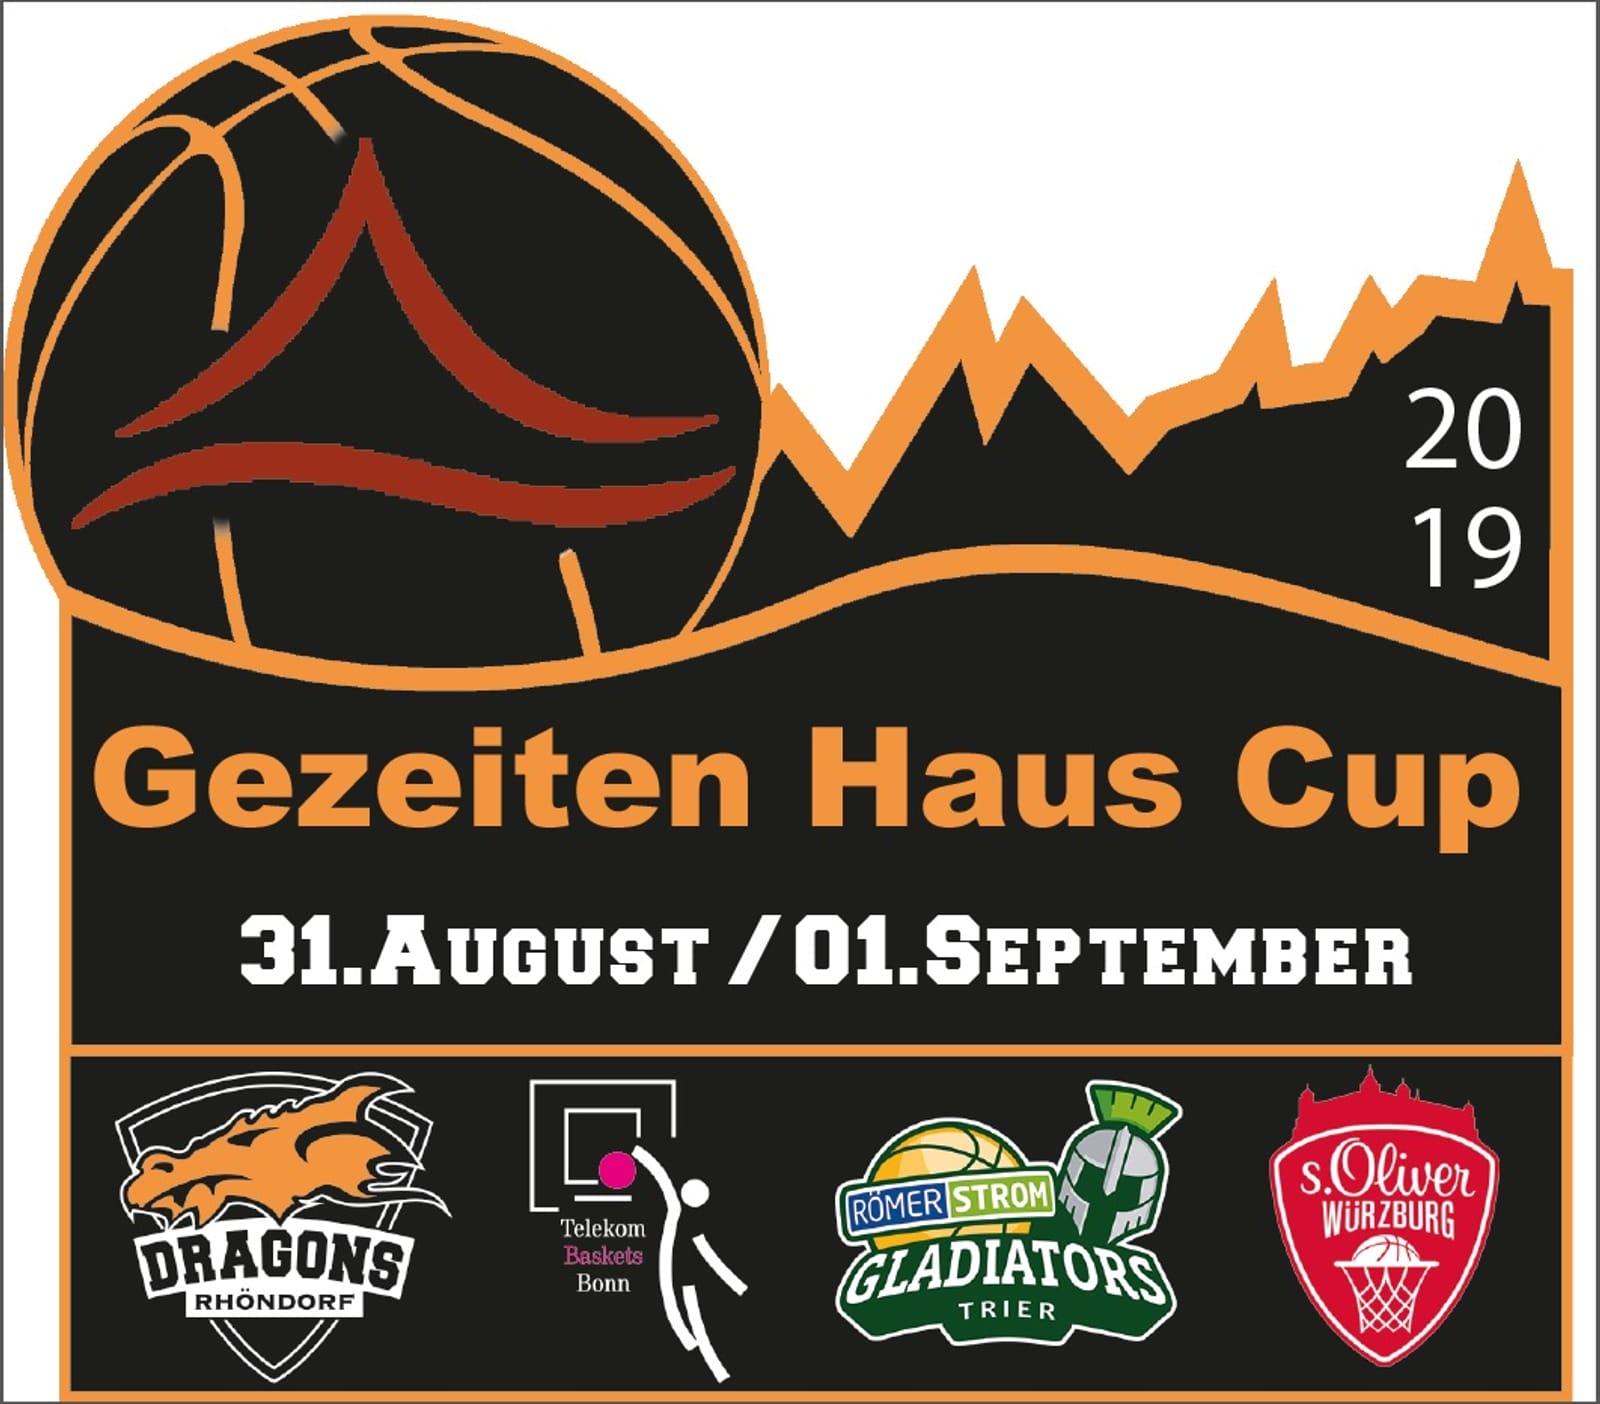 Gezeiten-Haus Cup 2019 Wochenende